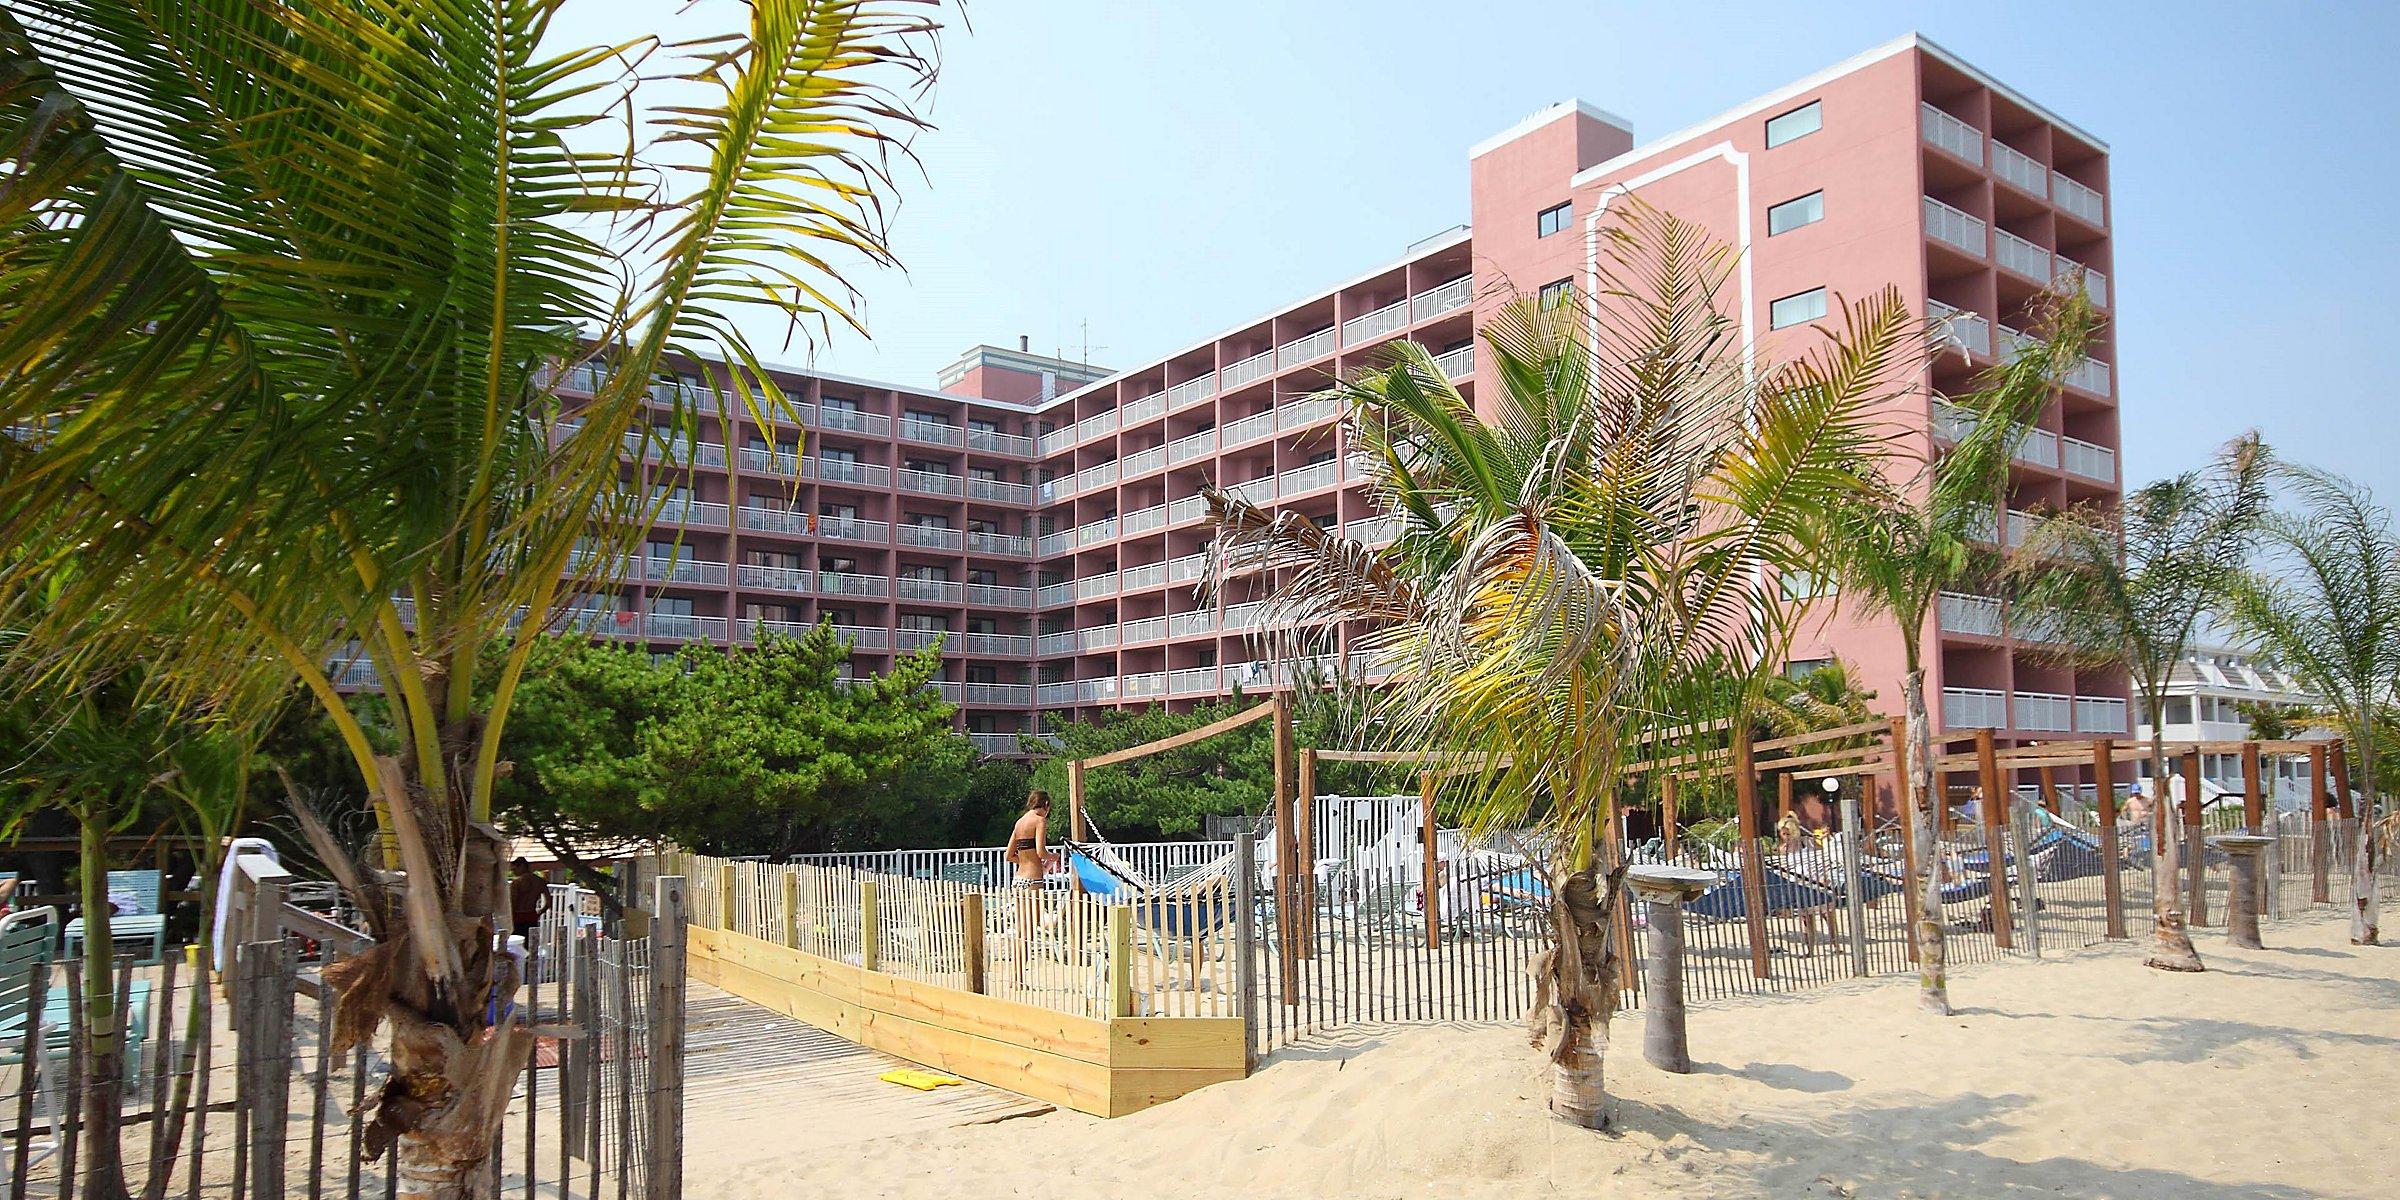 Hotels In Ocean City Md >> Ocean City Hotel Md Holiday Inn Ocean City